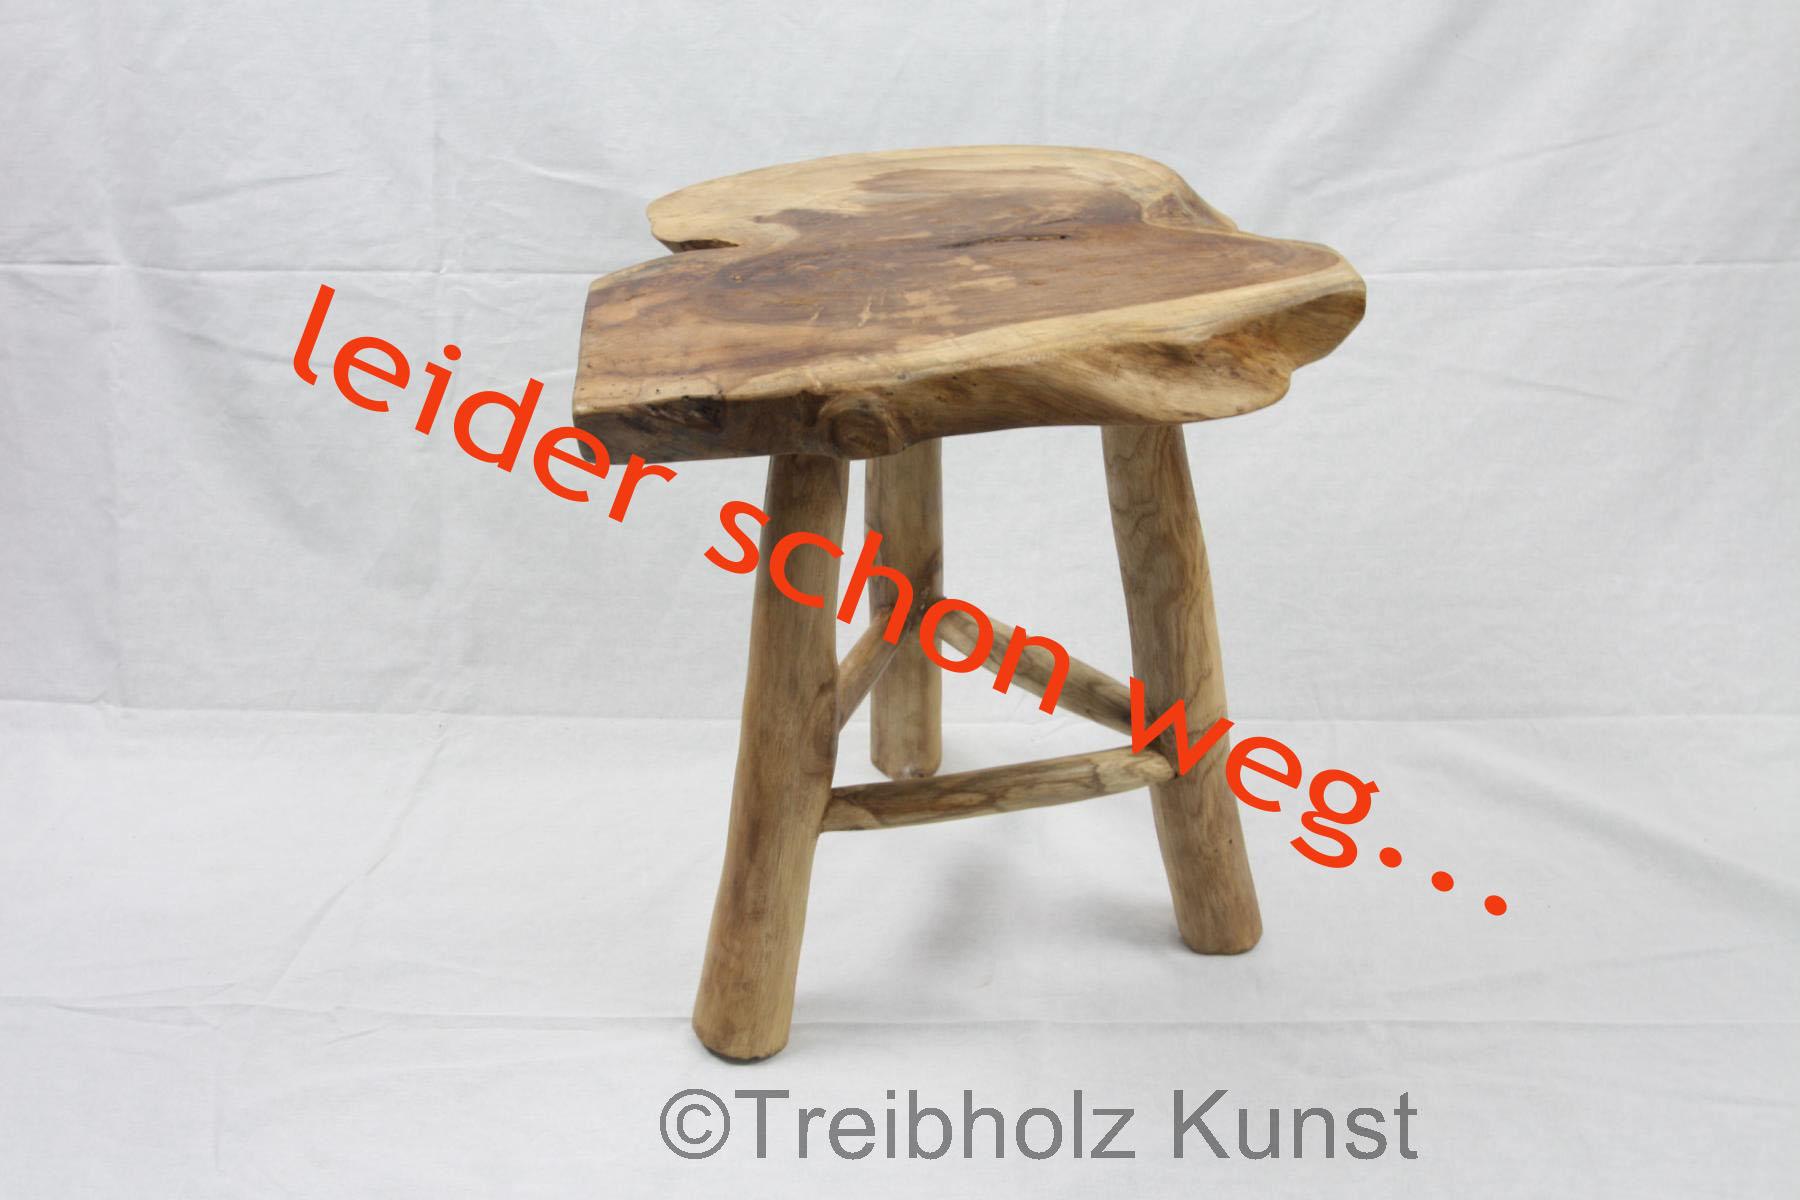 Tisch baumscheibe good tisch baumscheibe with tisch - Tisch baumscheibe ...